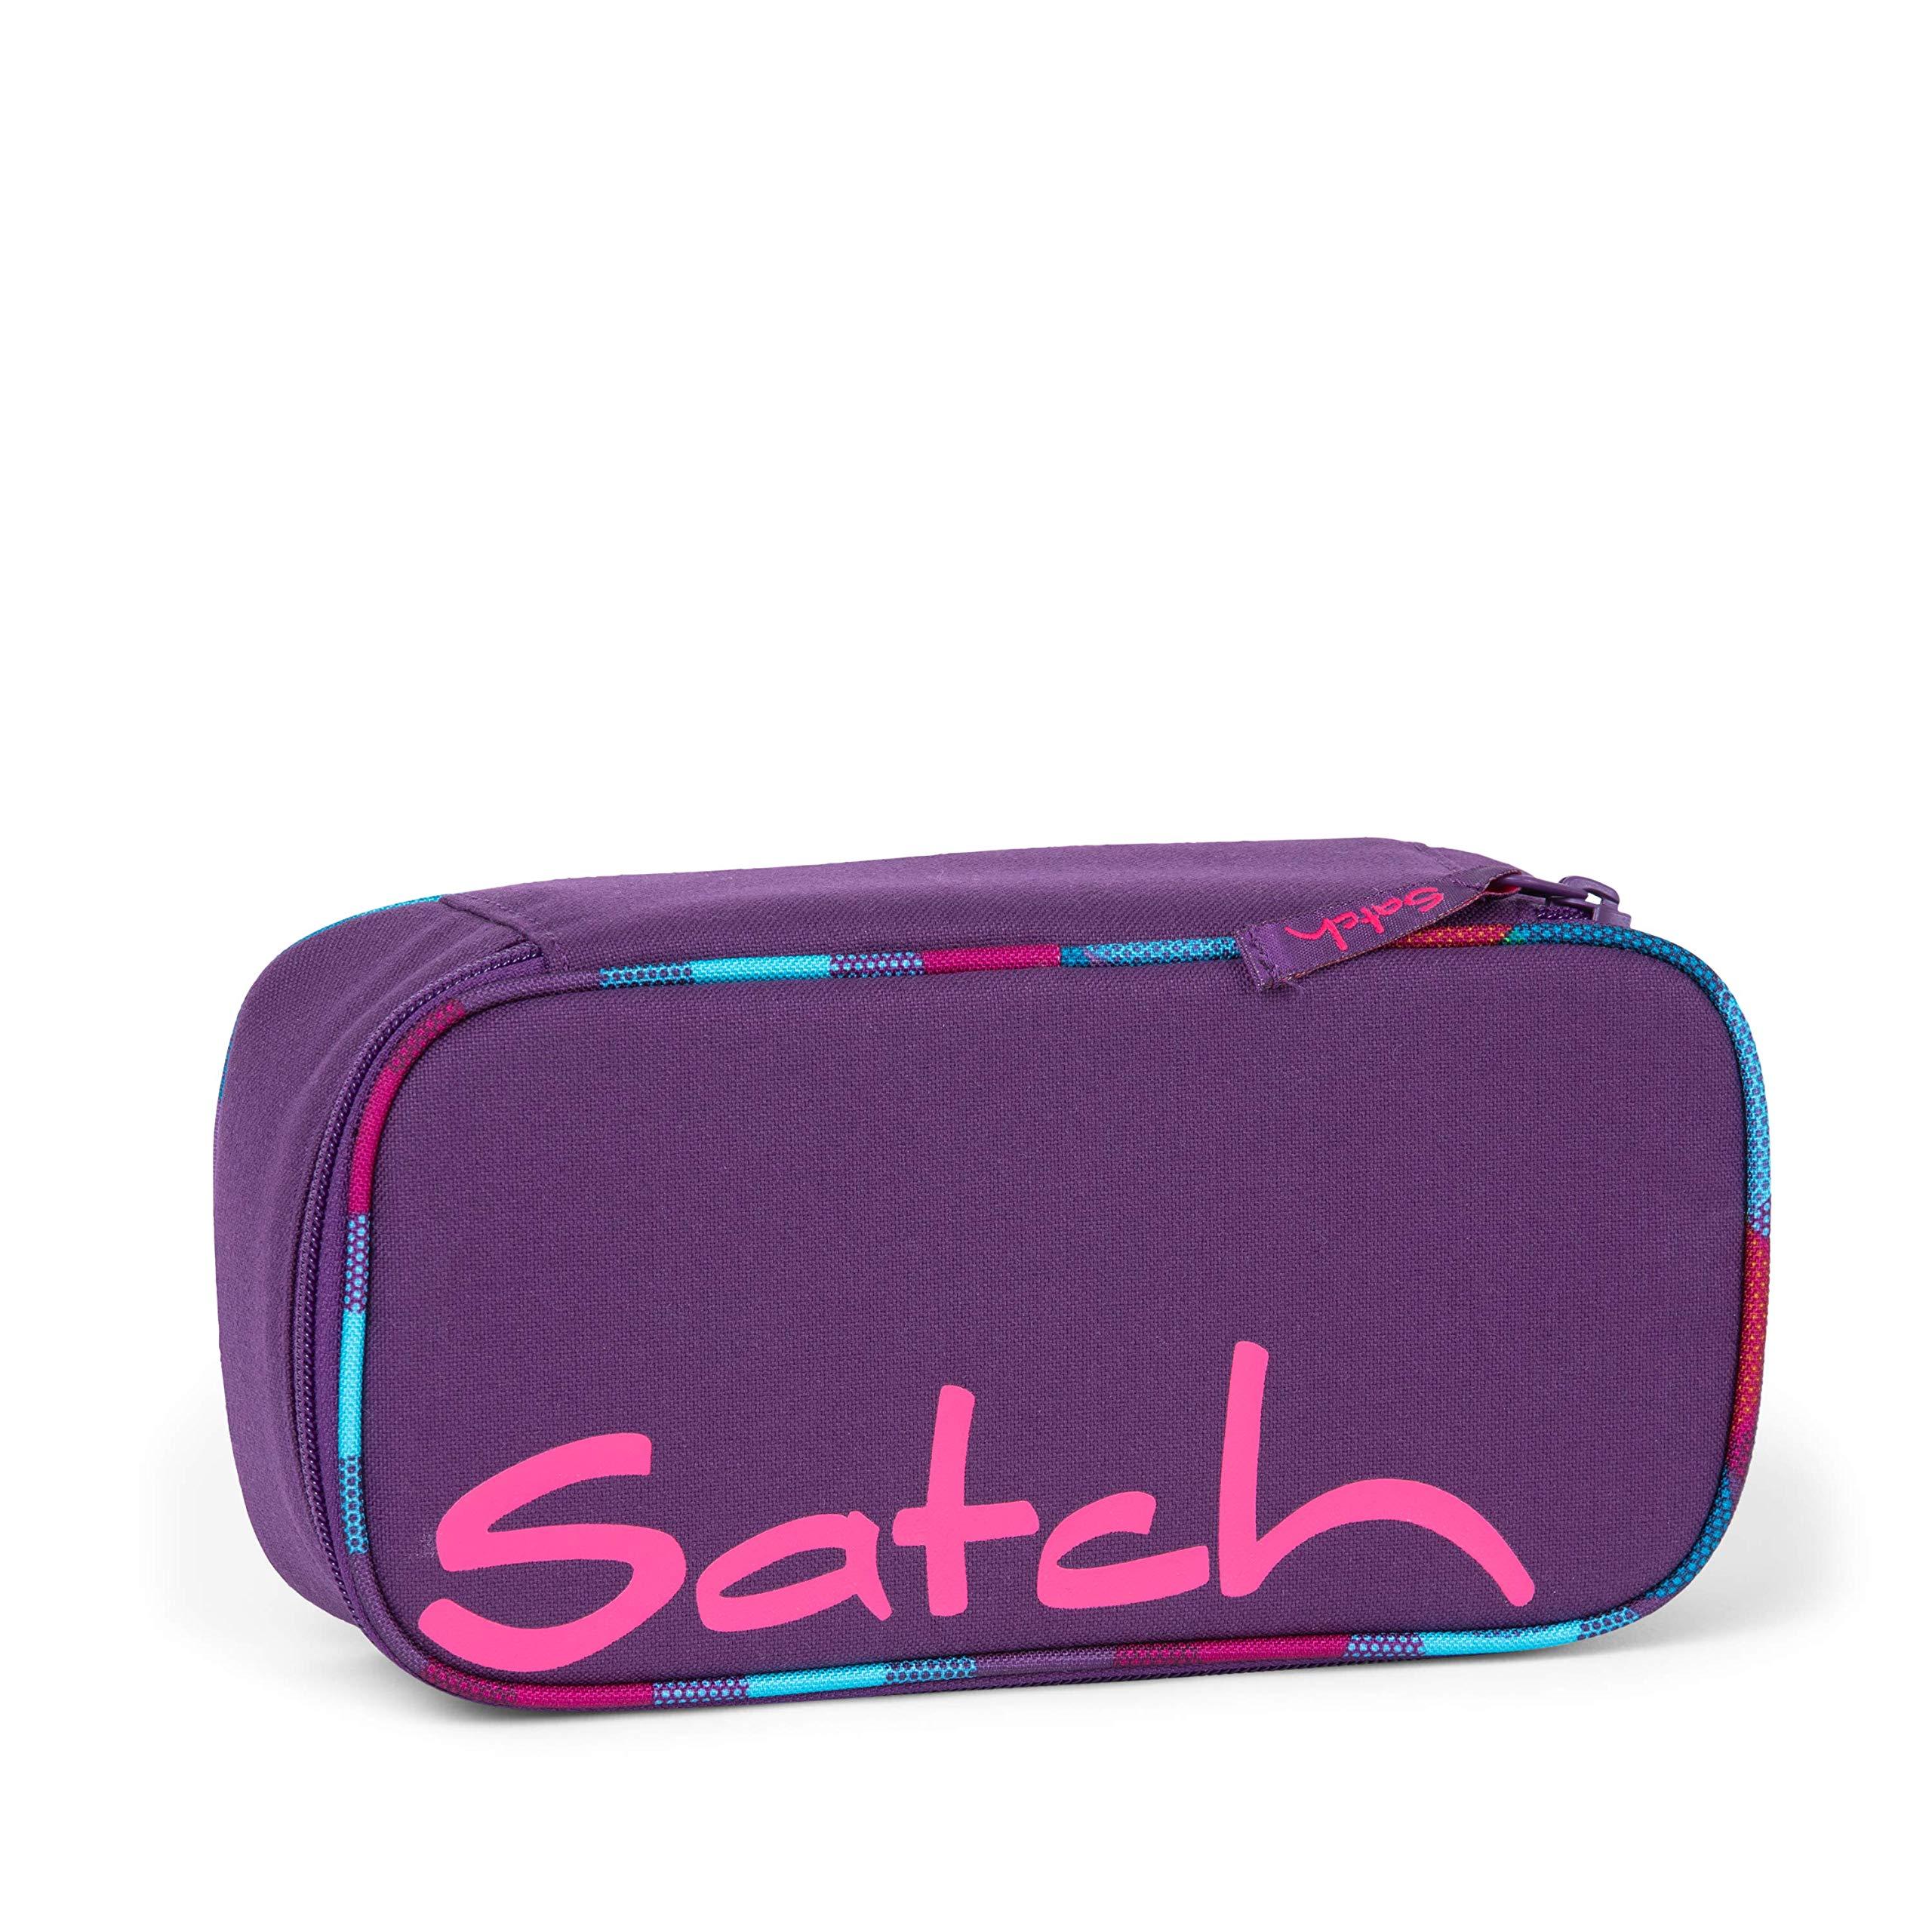 Satch Mäppchen